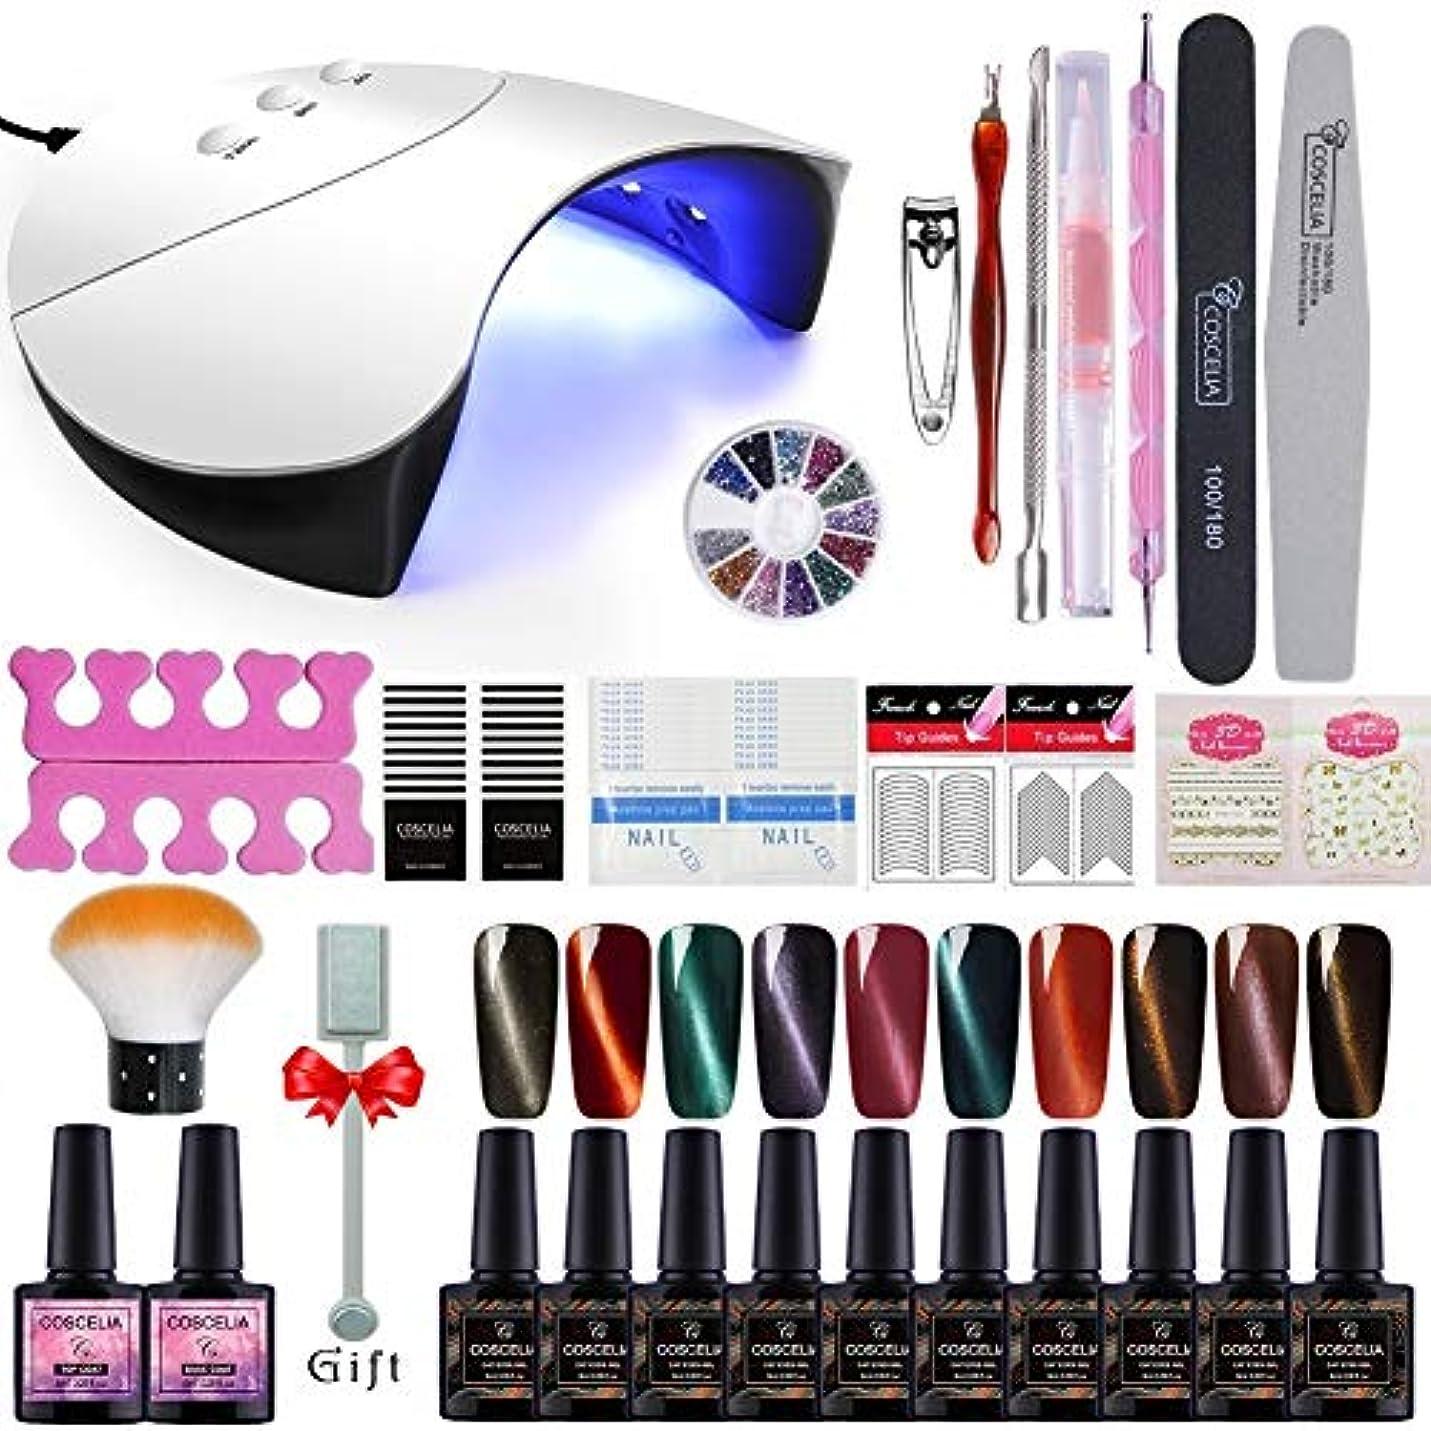 Twinkle Store ジェルネイルカラー 10色套装 キャットアイジェル 36Wネイルuvライトセット 猫の目のように効果 磁石で模様が変わる、 ネイルパーツキット マニキュアセット